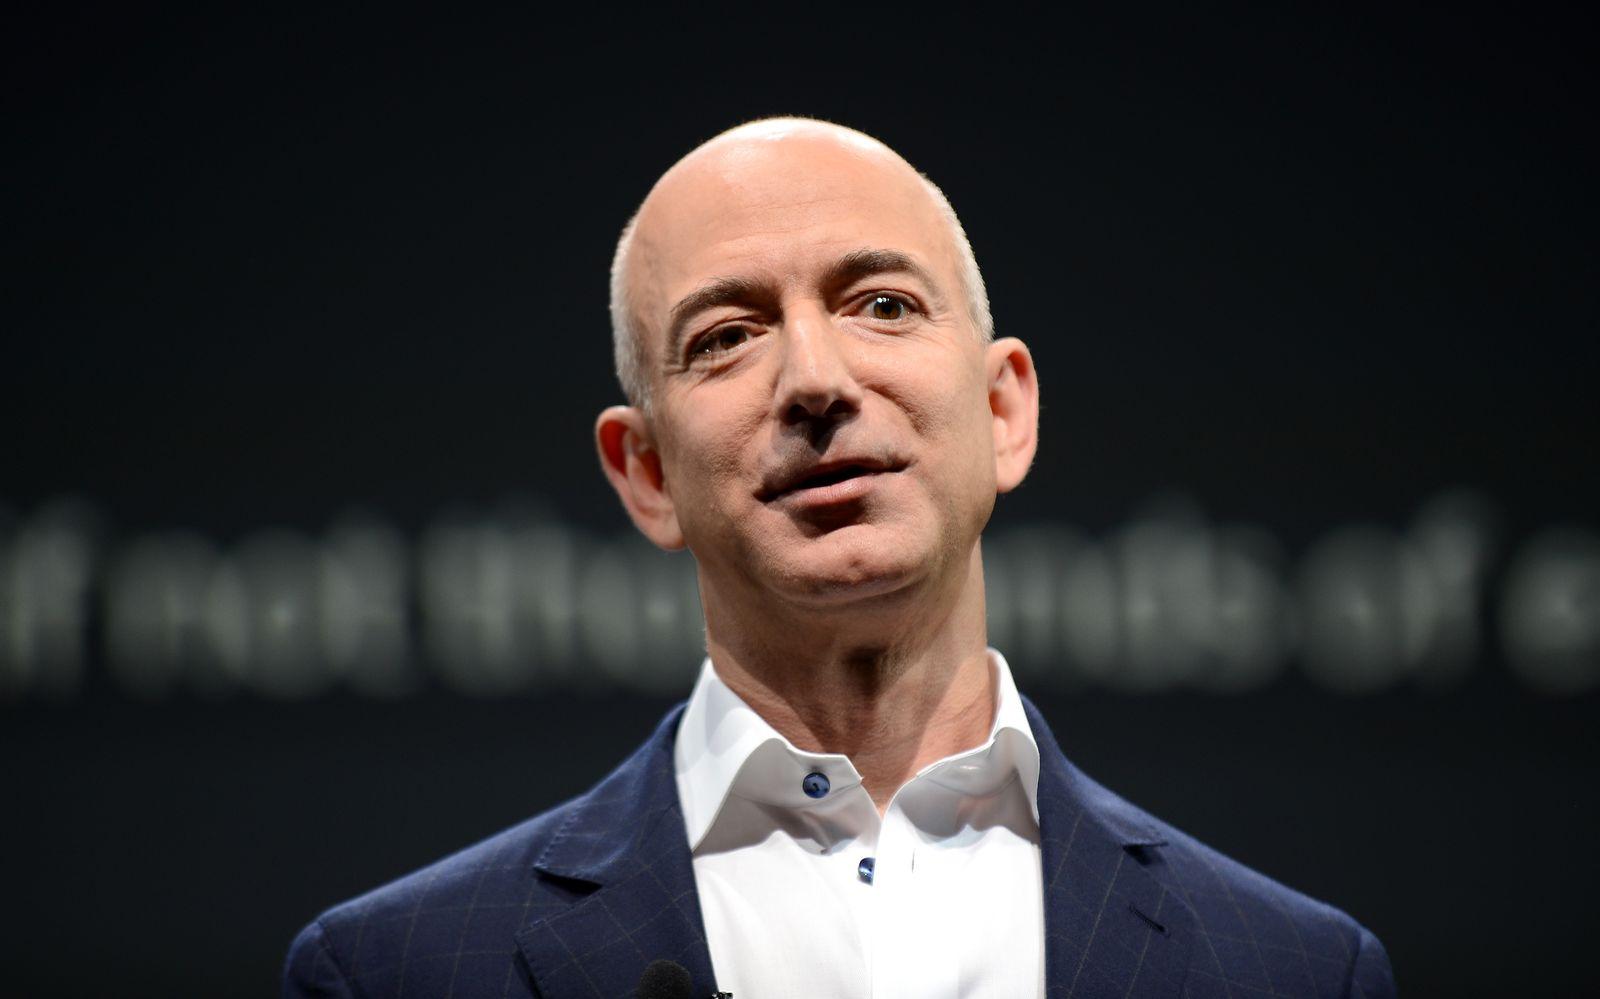 Die 100 einflussreichsten Menschen/ Jeff Bezos